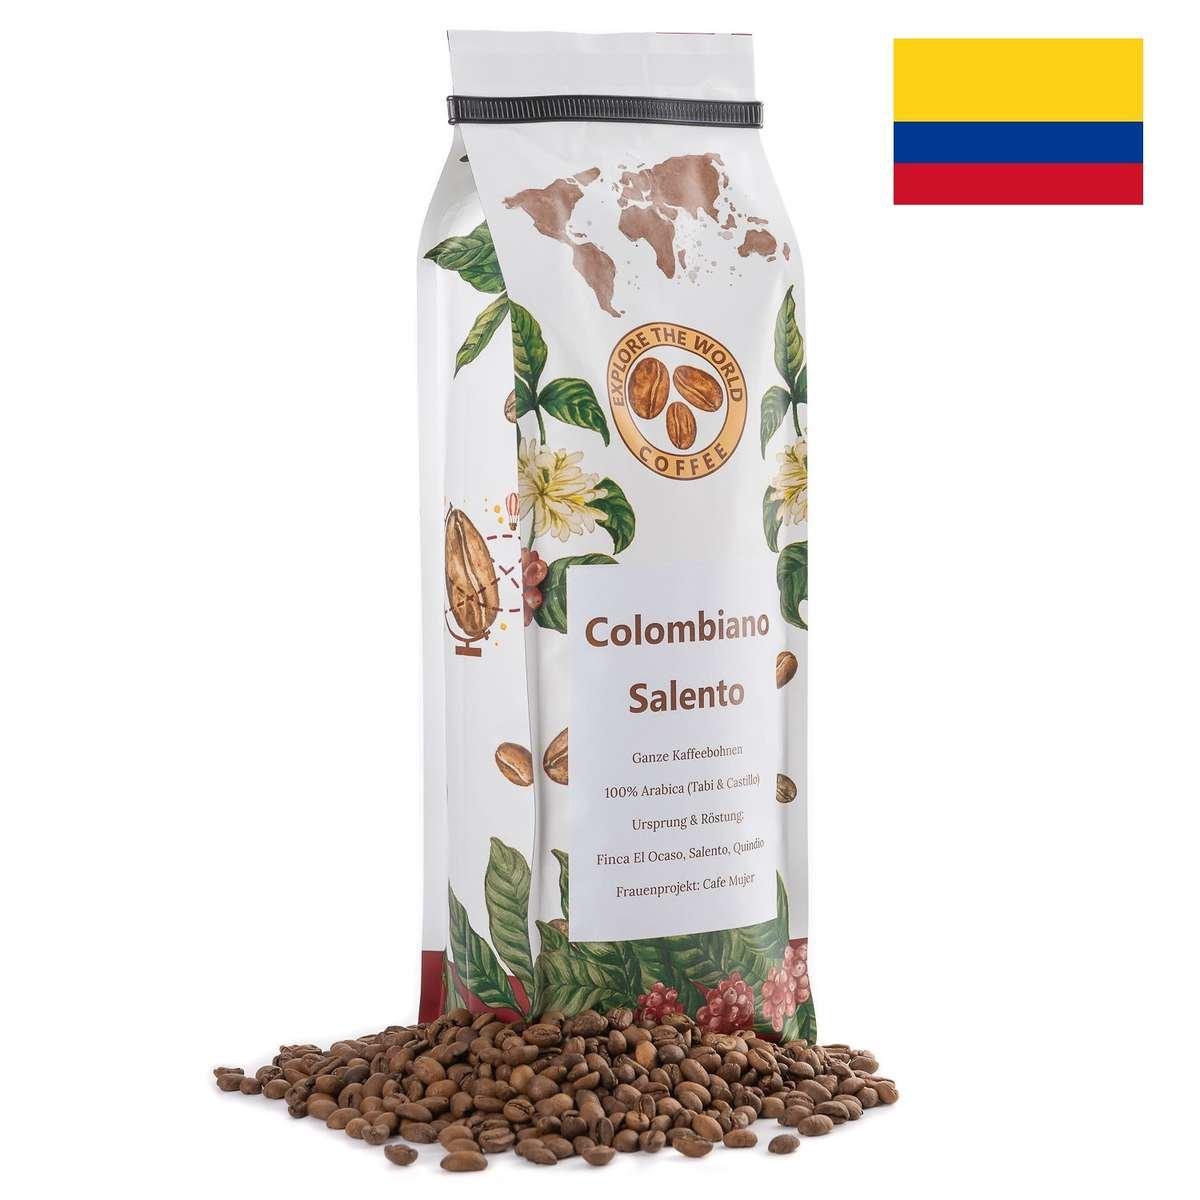 Kaffee Bohnen aus Kolumbien kaufen. Gerösteter Kaffee bestellen.